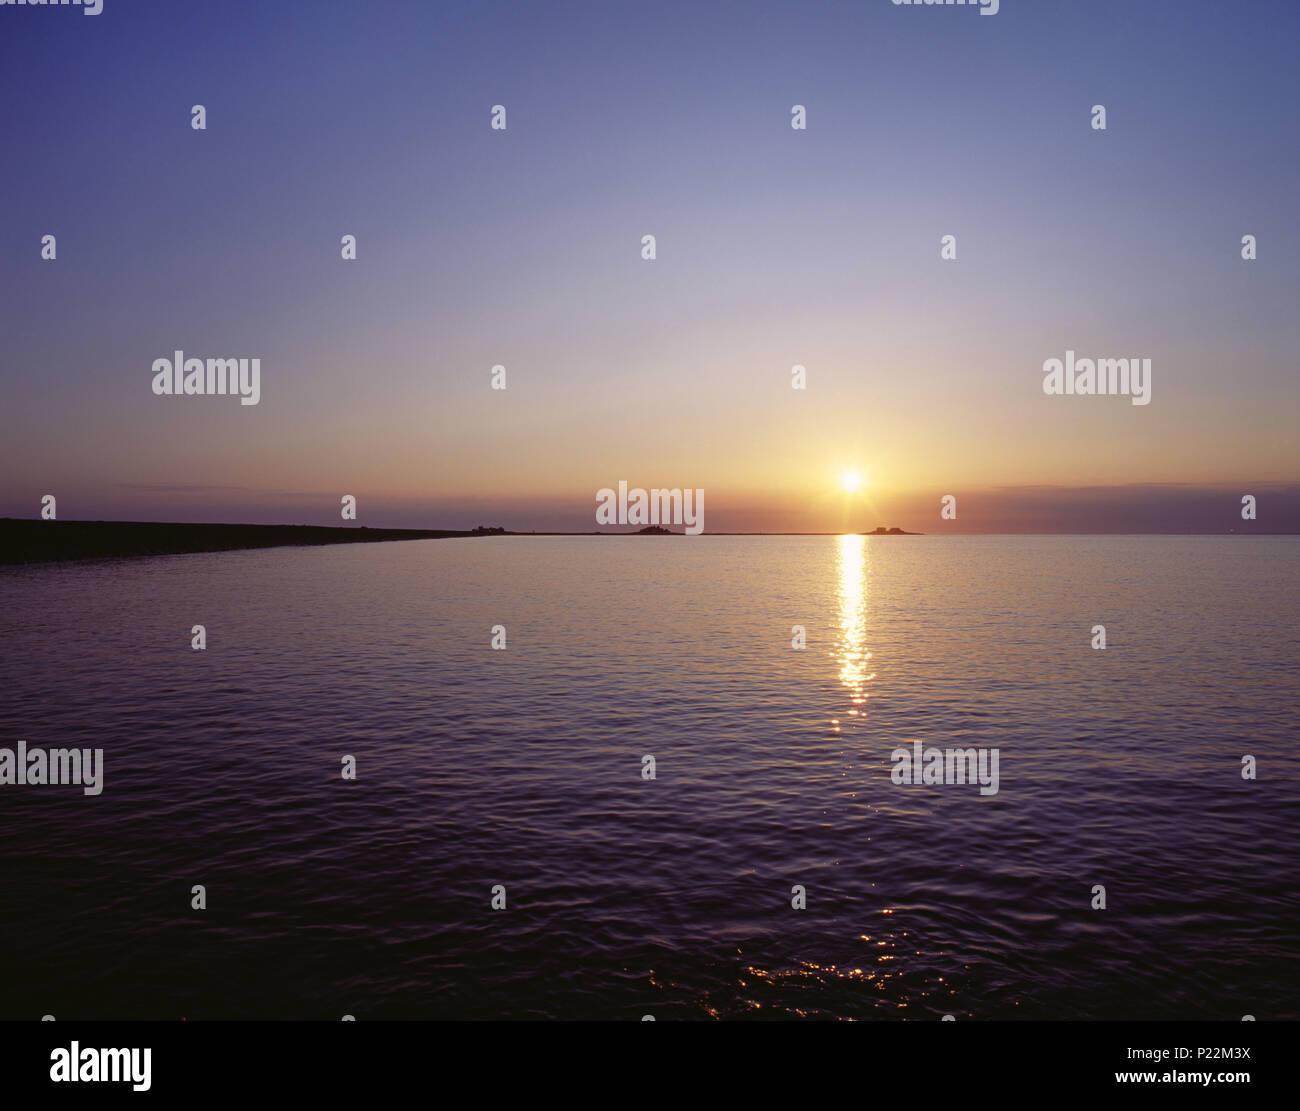 Sonnenuntergang? ber der Hallig Hooge, Nordseek?ste, Schleswig-Holsteinisches Wattenmeer, Nordfriesische Inseln, Schleswig-Holstein, Deutschland, Stockbild